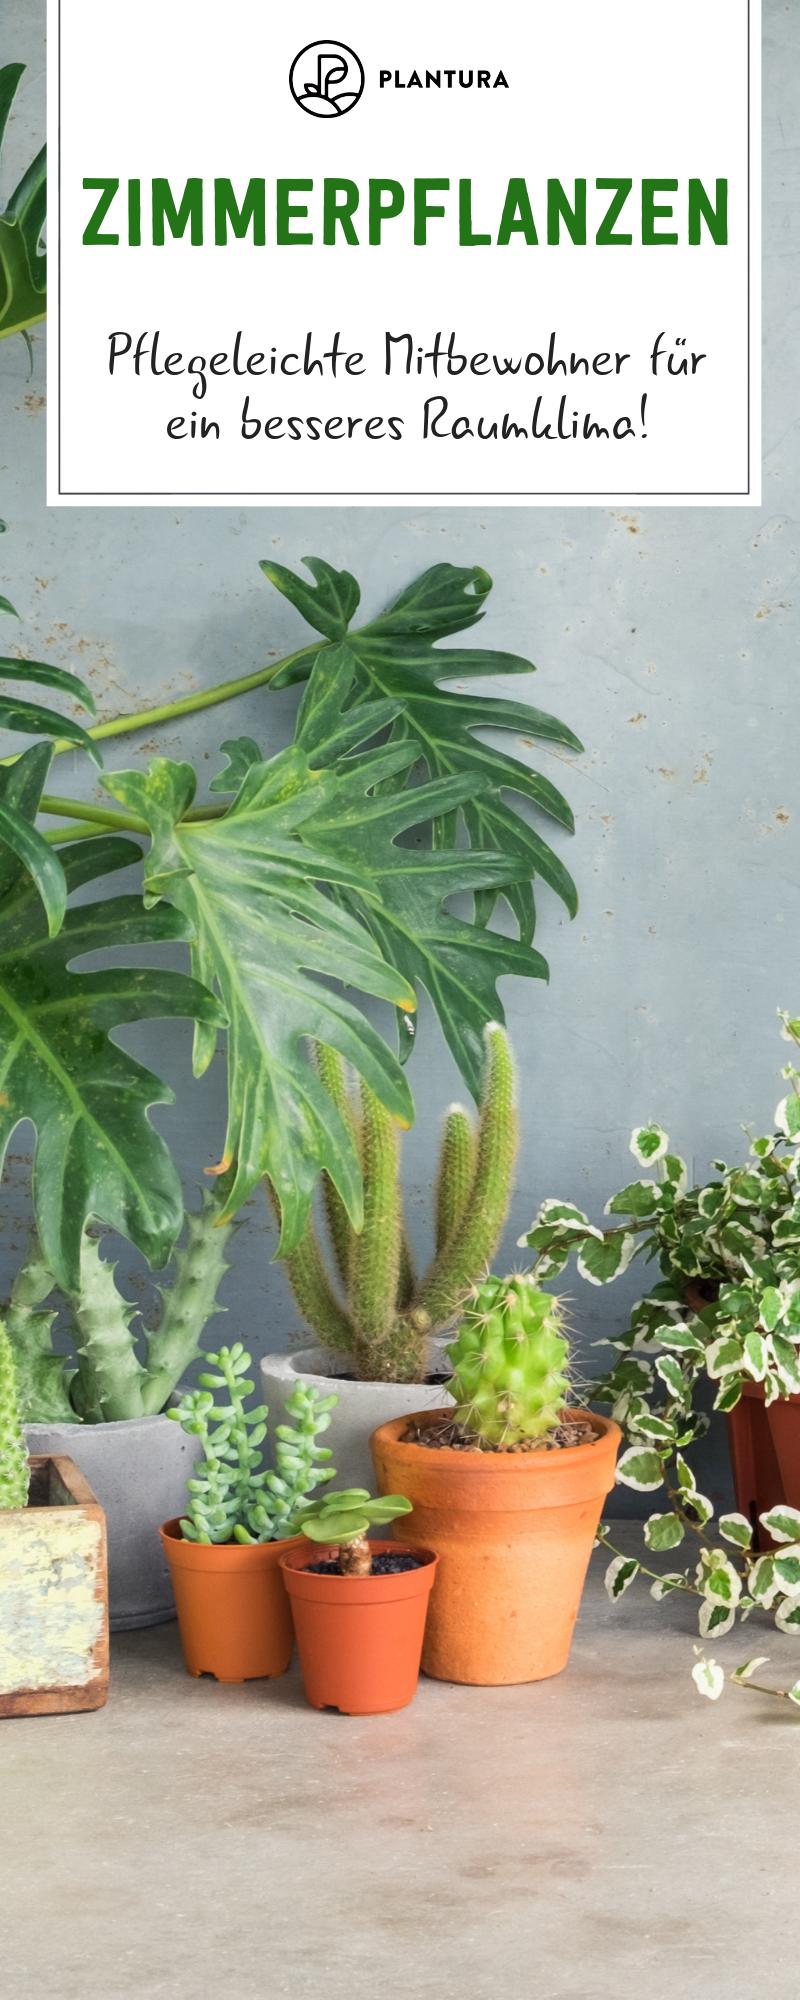 Leaf Supply Der Zimmerpflanzen Ratgeber Im Buchtipp In 2020 Zimmerpflanzen Ideen Pflanzen Zimmerpflanzen